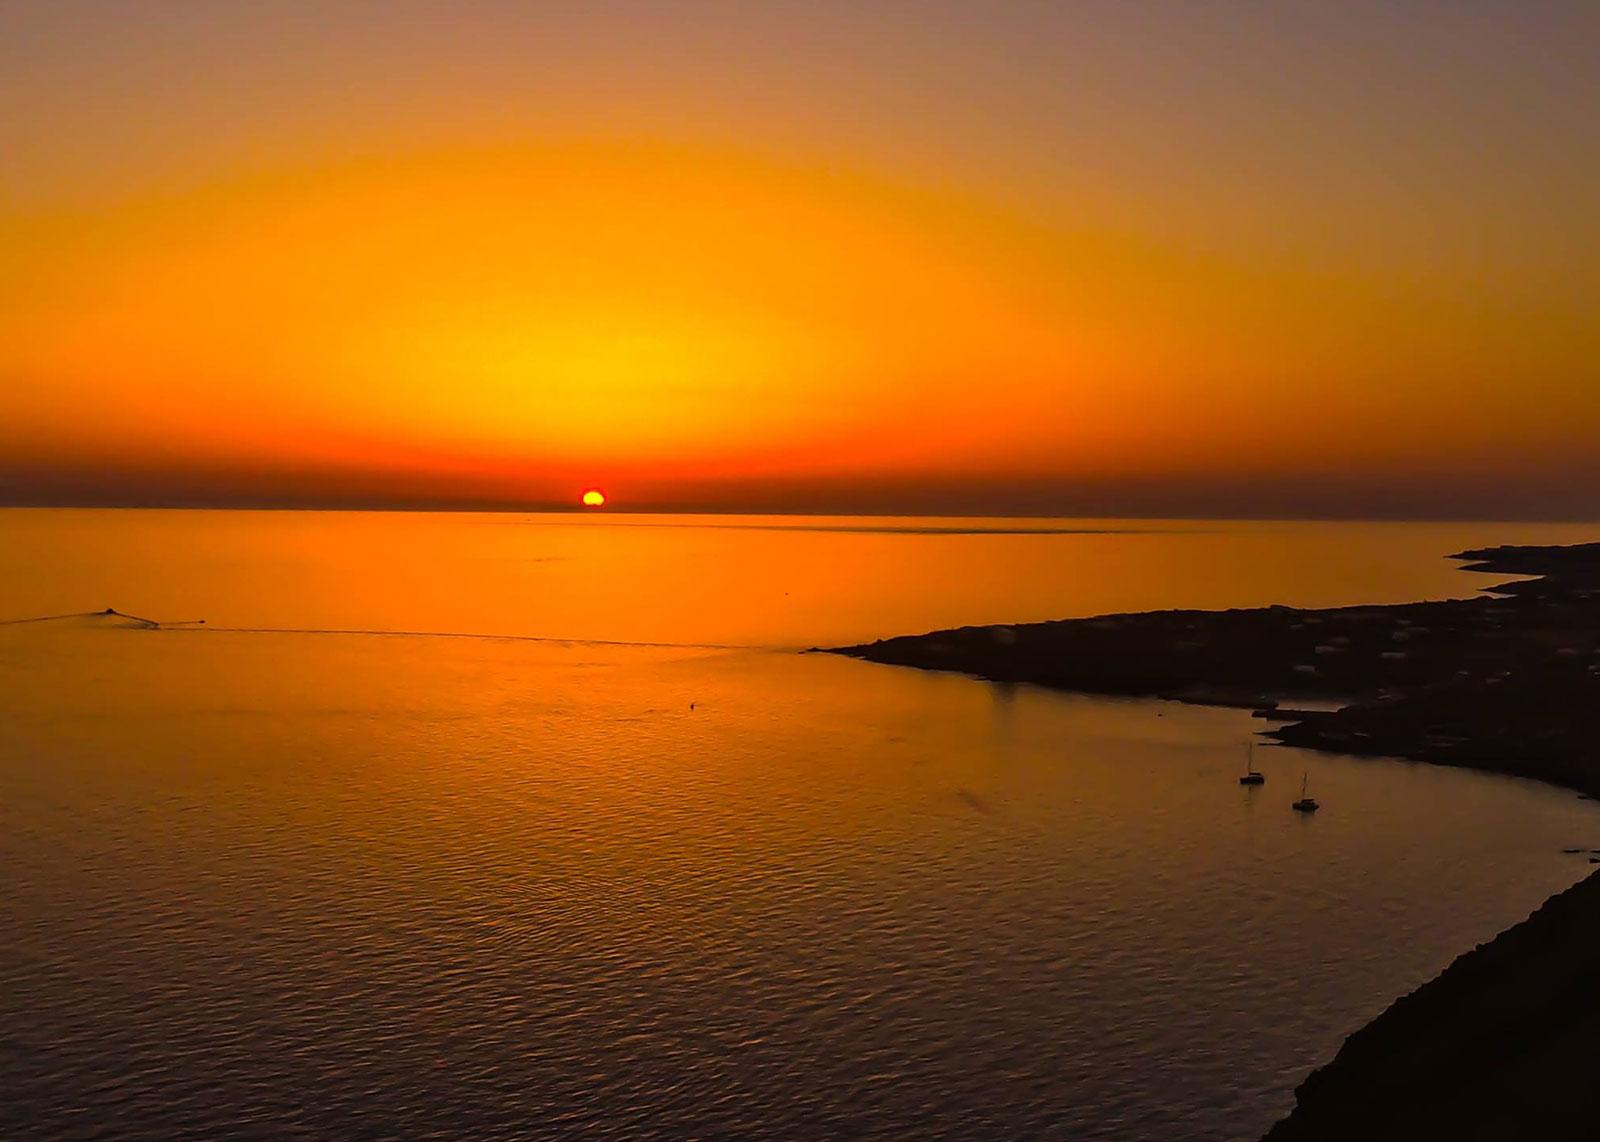 Dammusi-Uliveto-Pantelleria-Diving